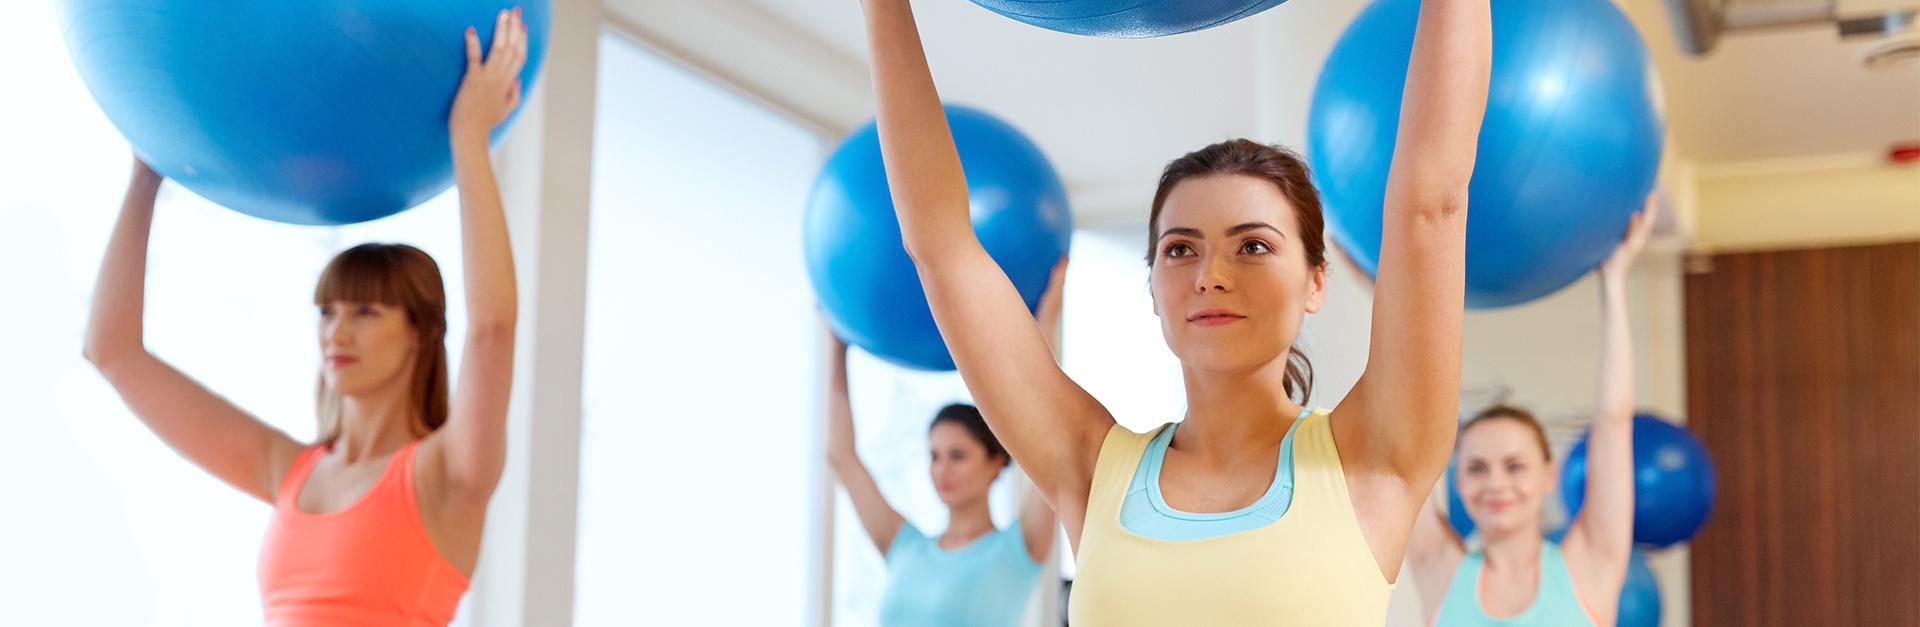 Physiotherapie -